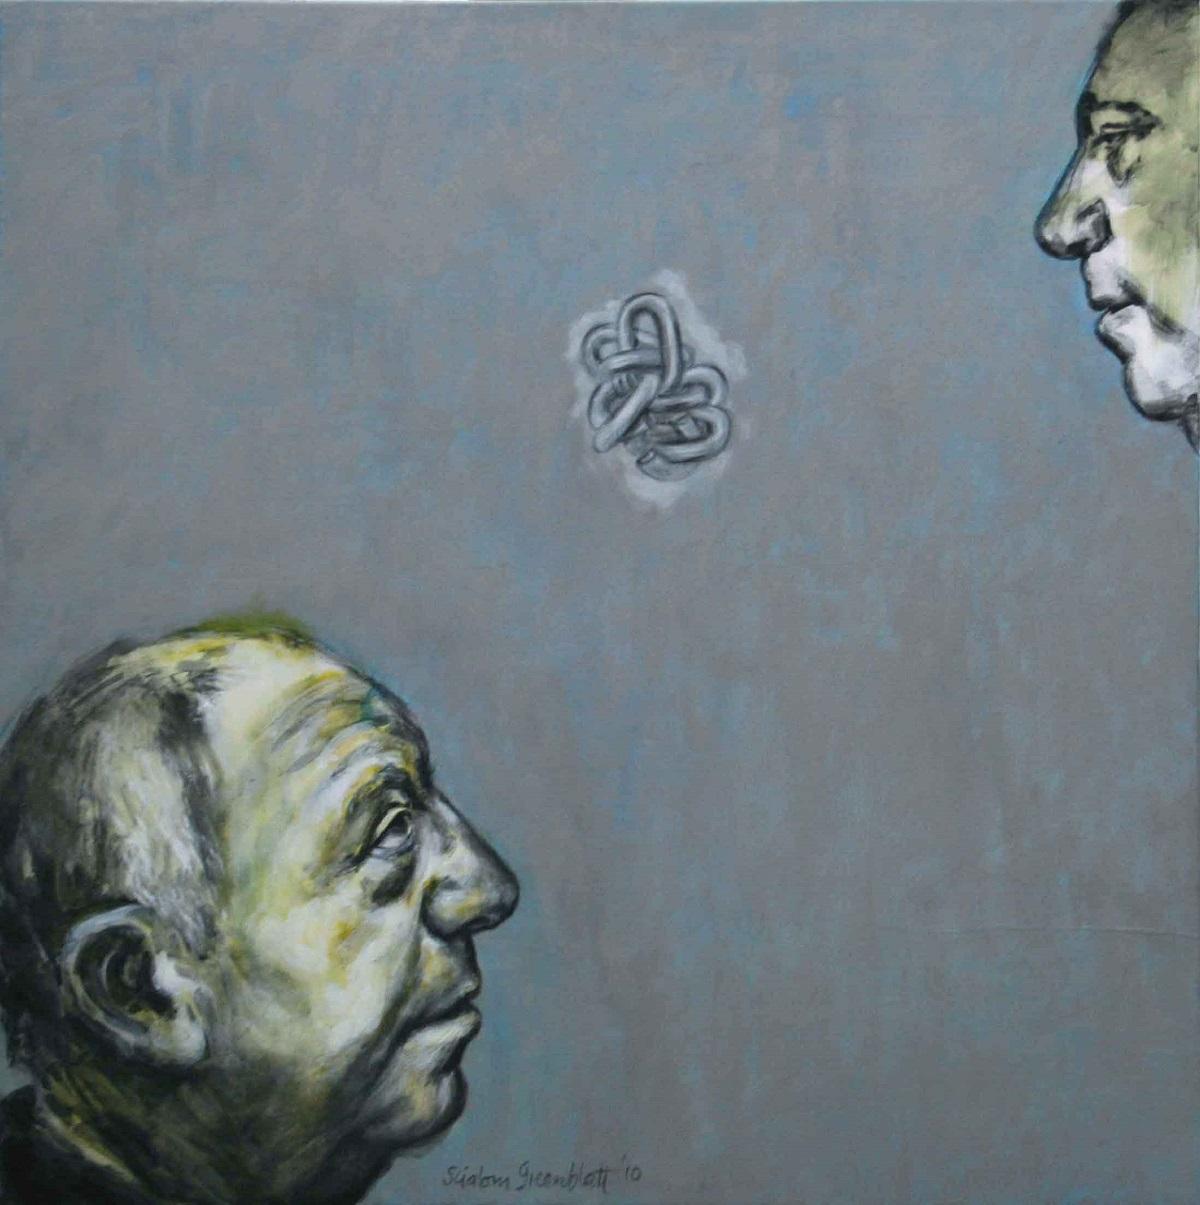 John III, 2010, Acrylic on Canvas, 100x100cm